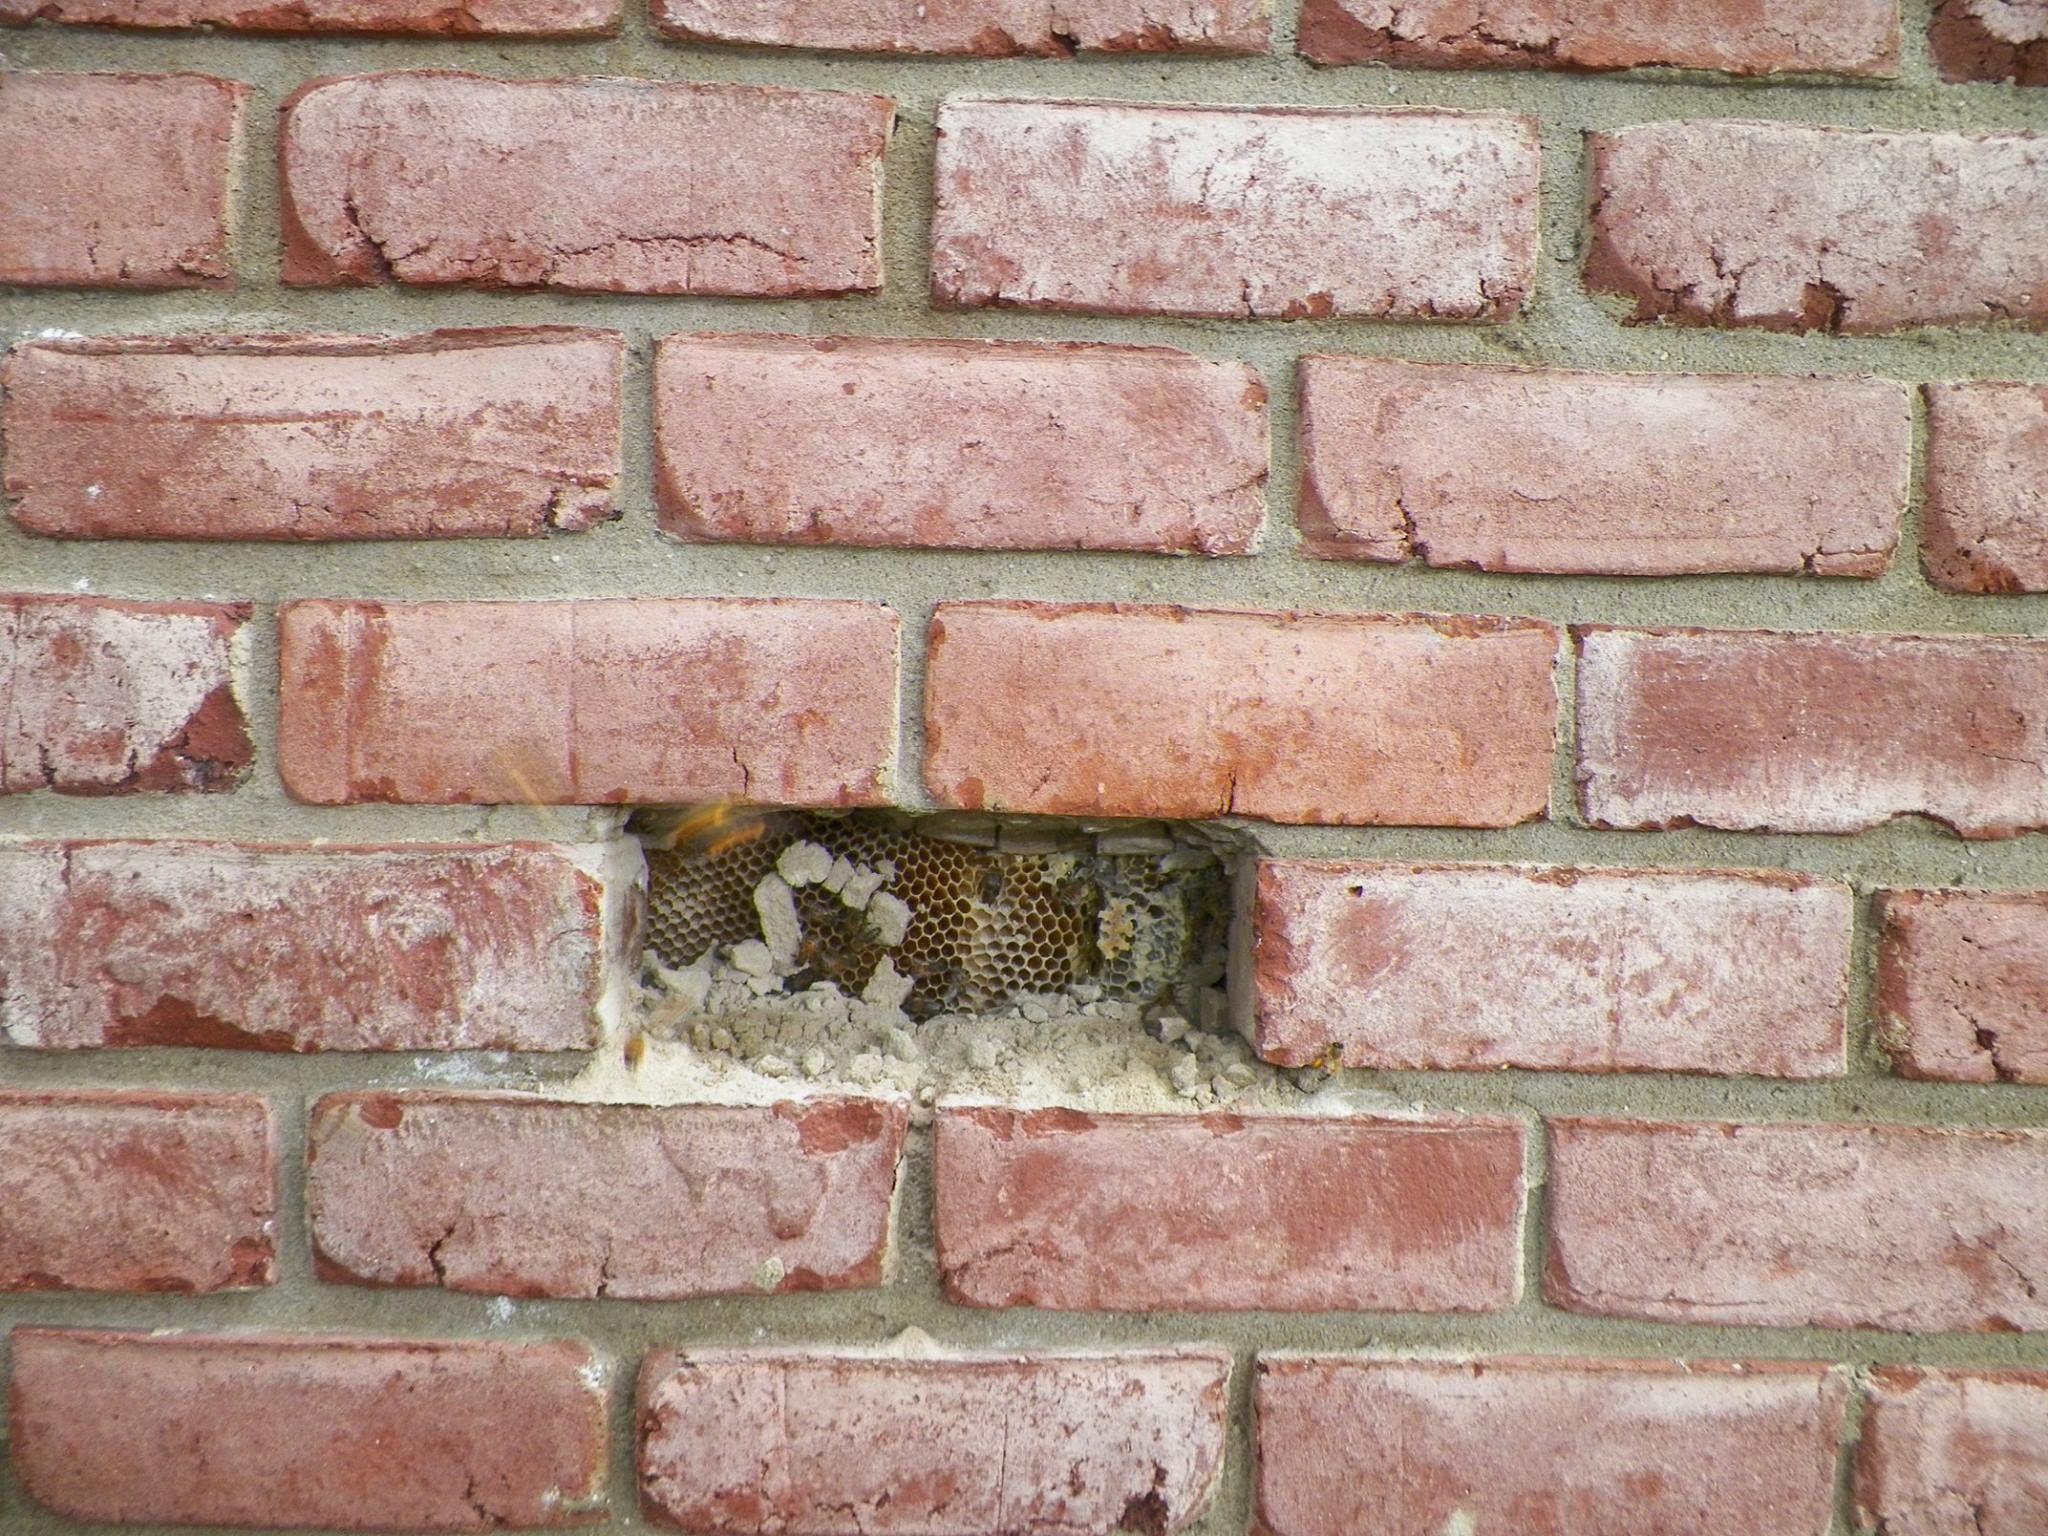 Bee hive behind brick wall